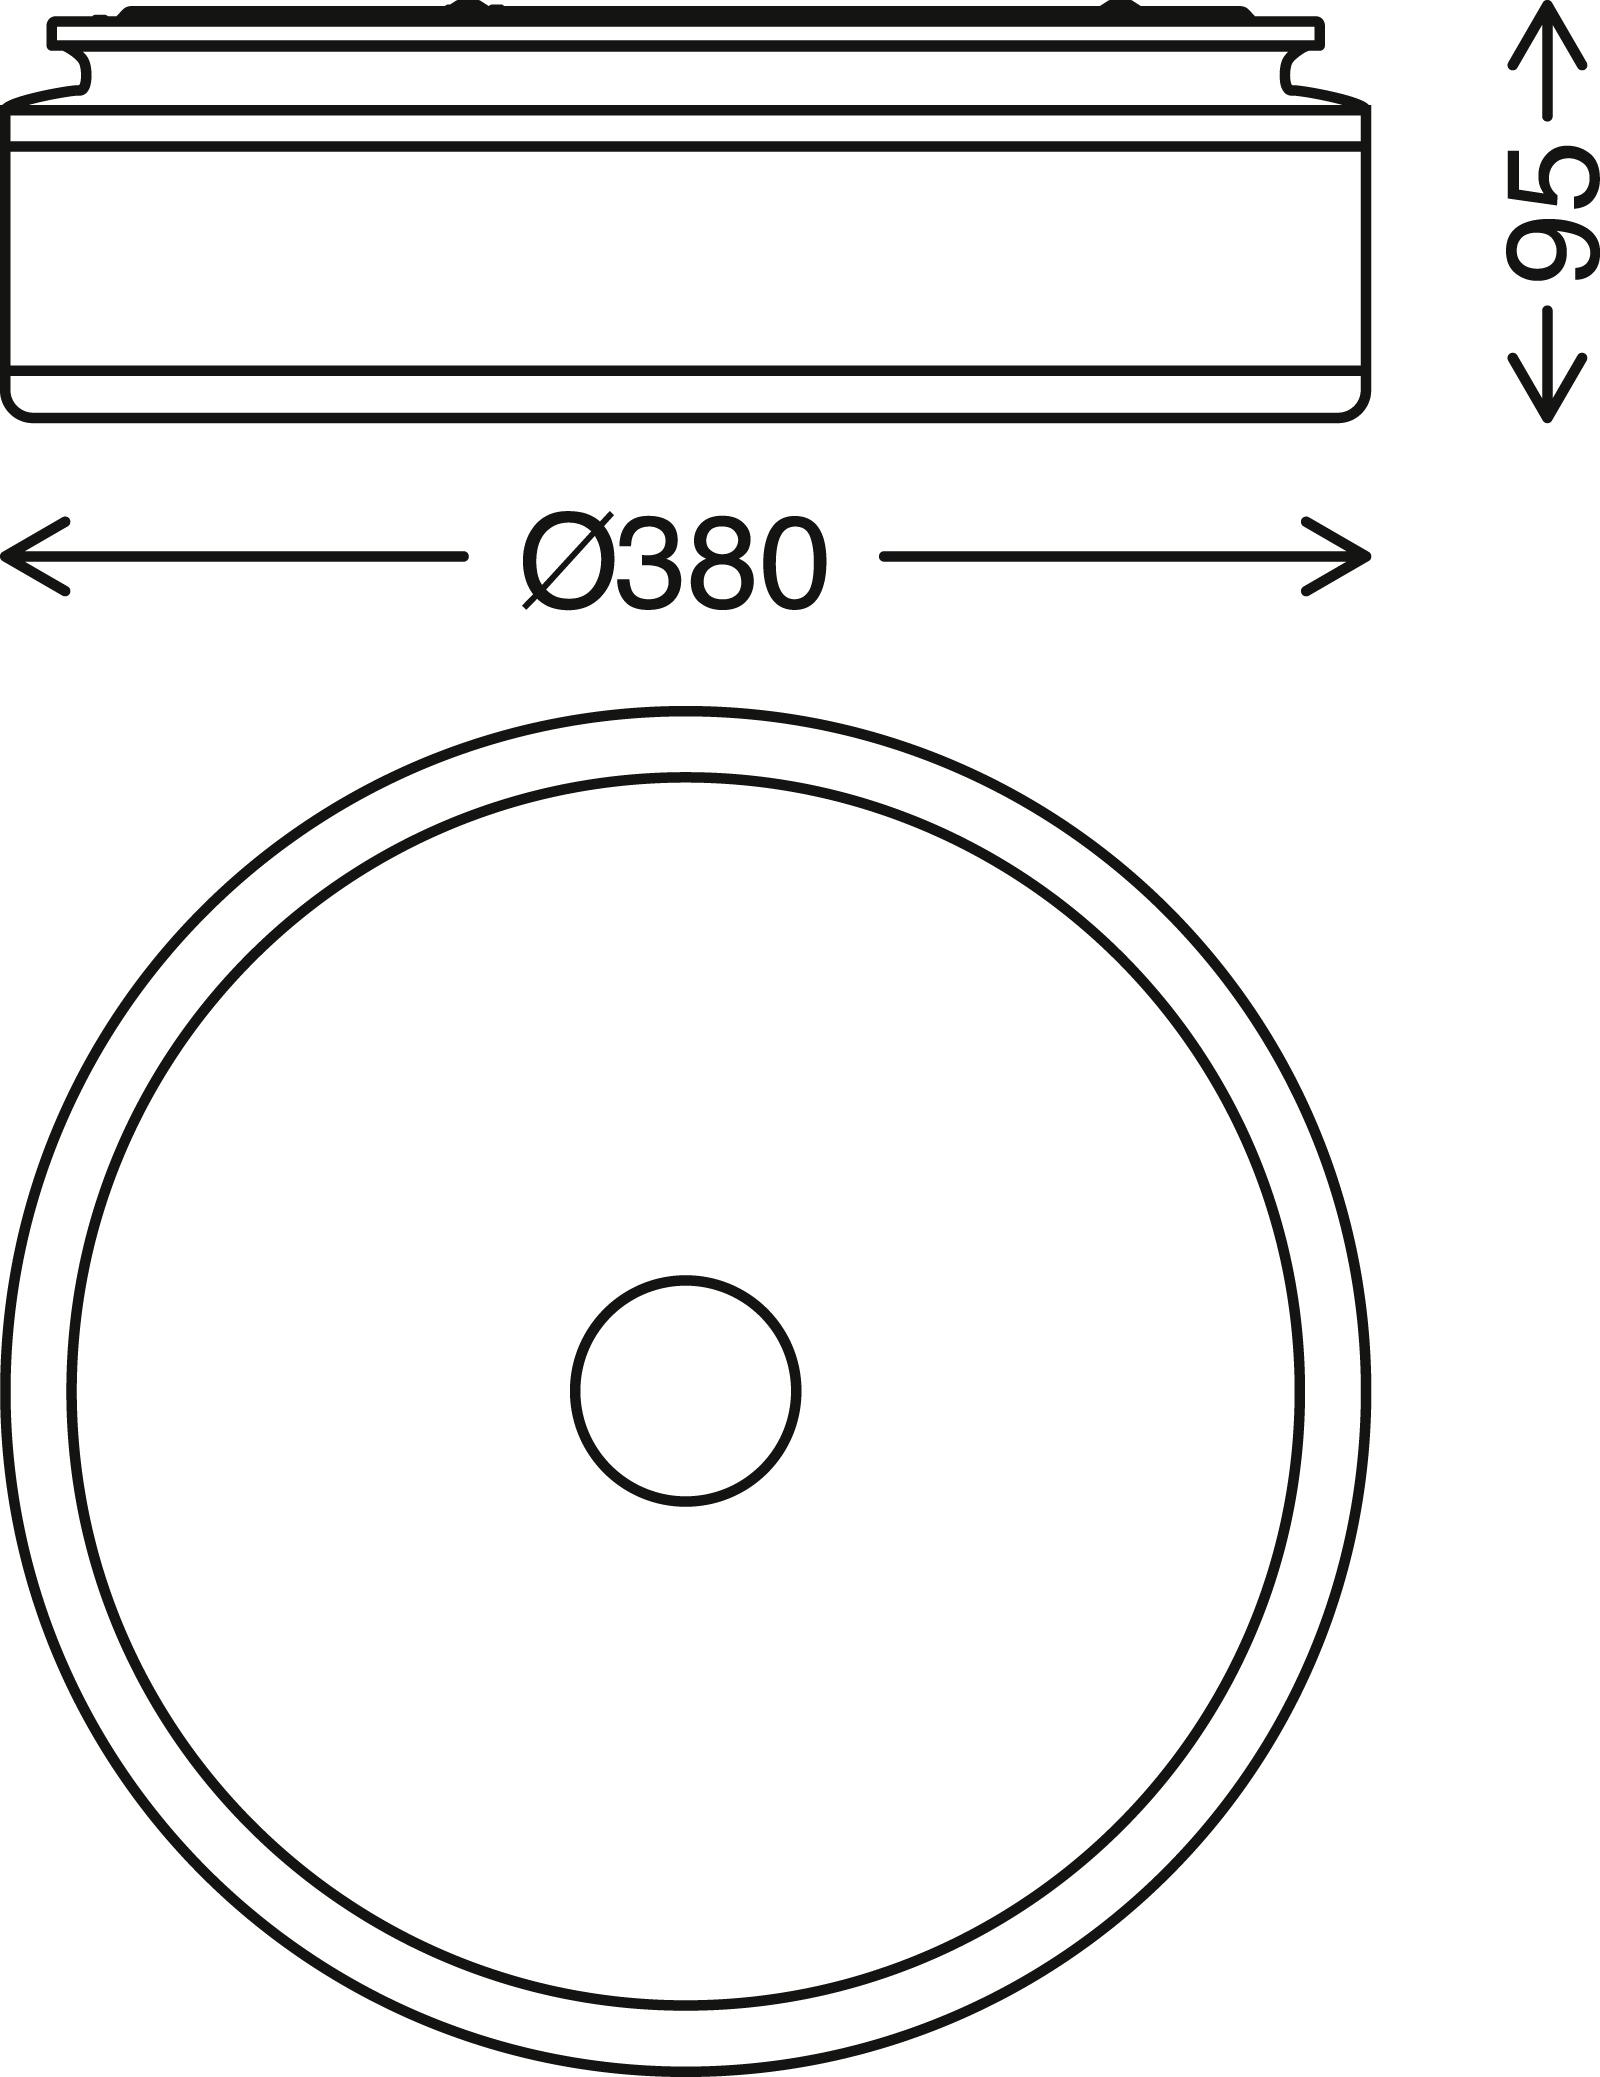 LED Deckenleuchte, Ø 38 cm, 18 W, Schwarz